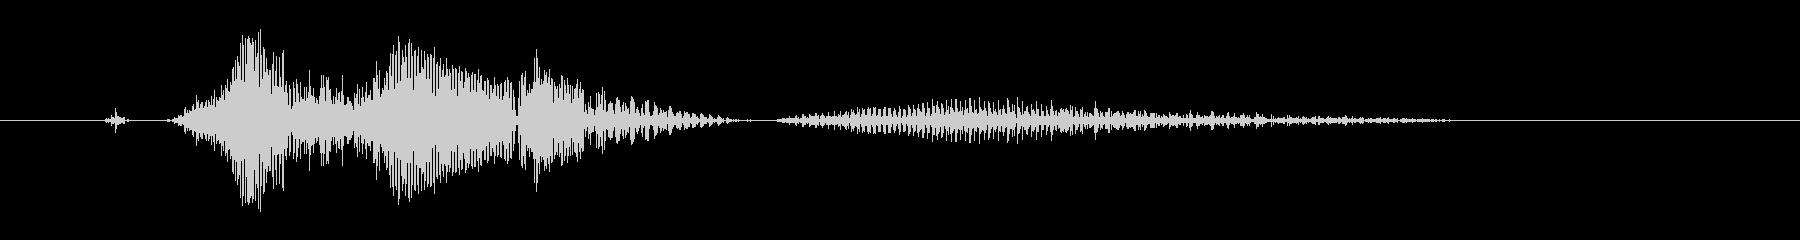 ぐあっ!(Type-D)の未再生の波形